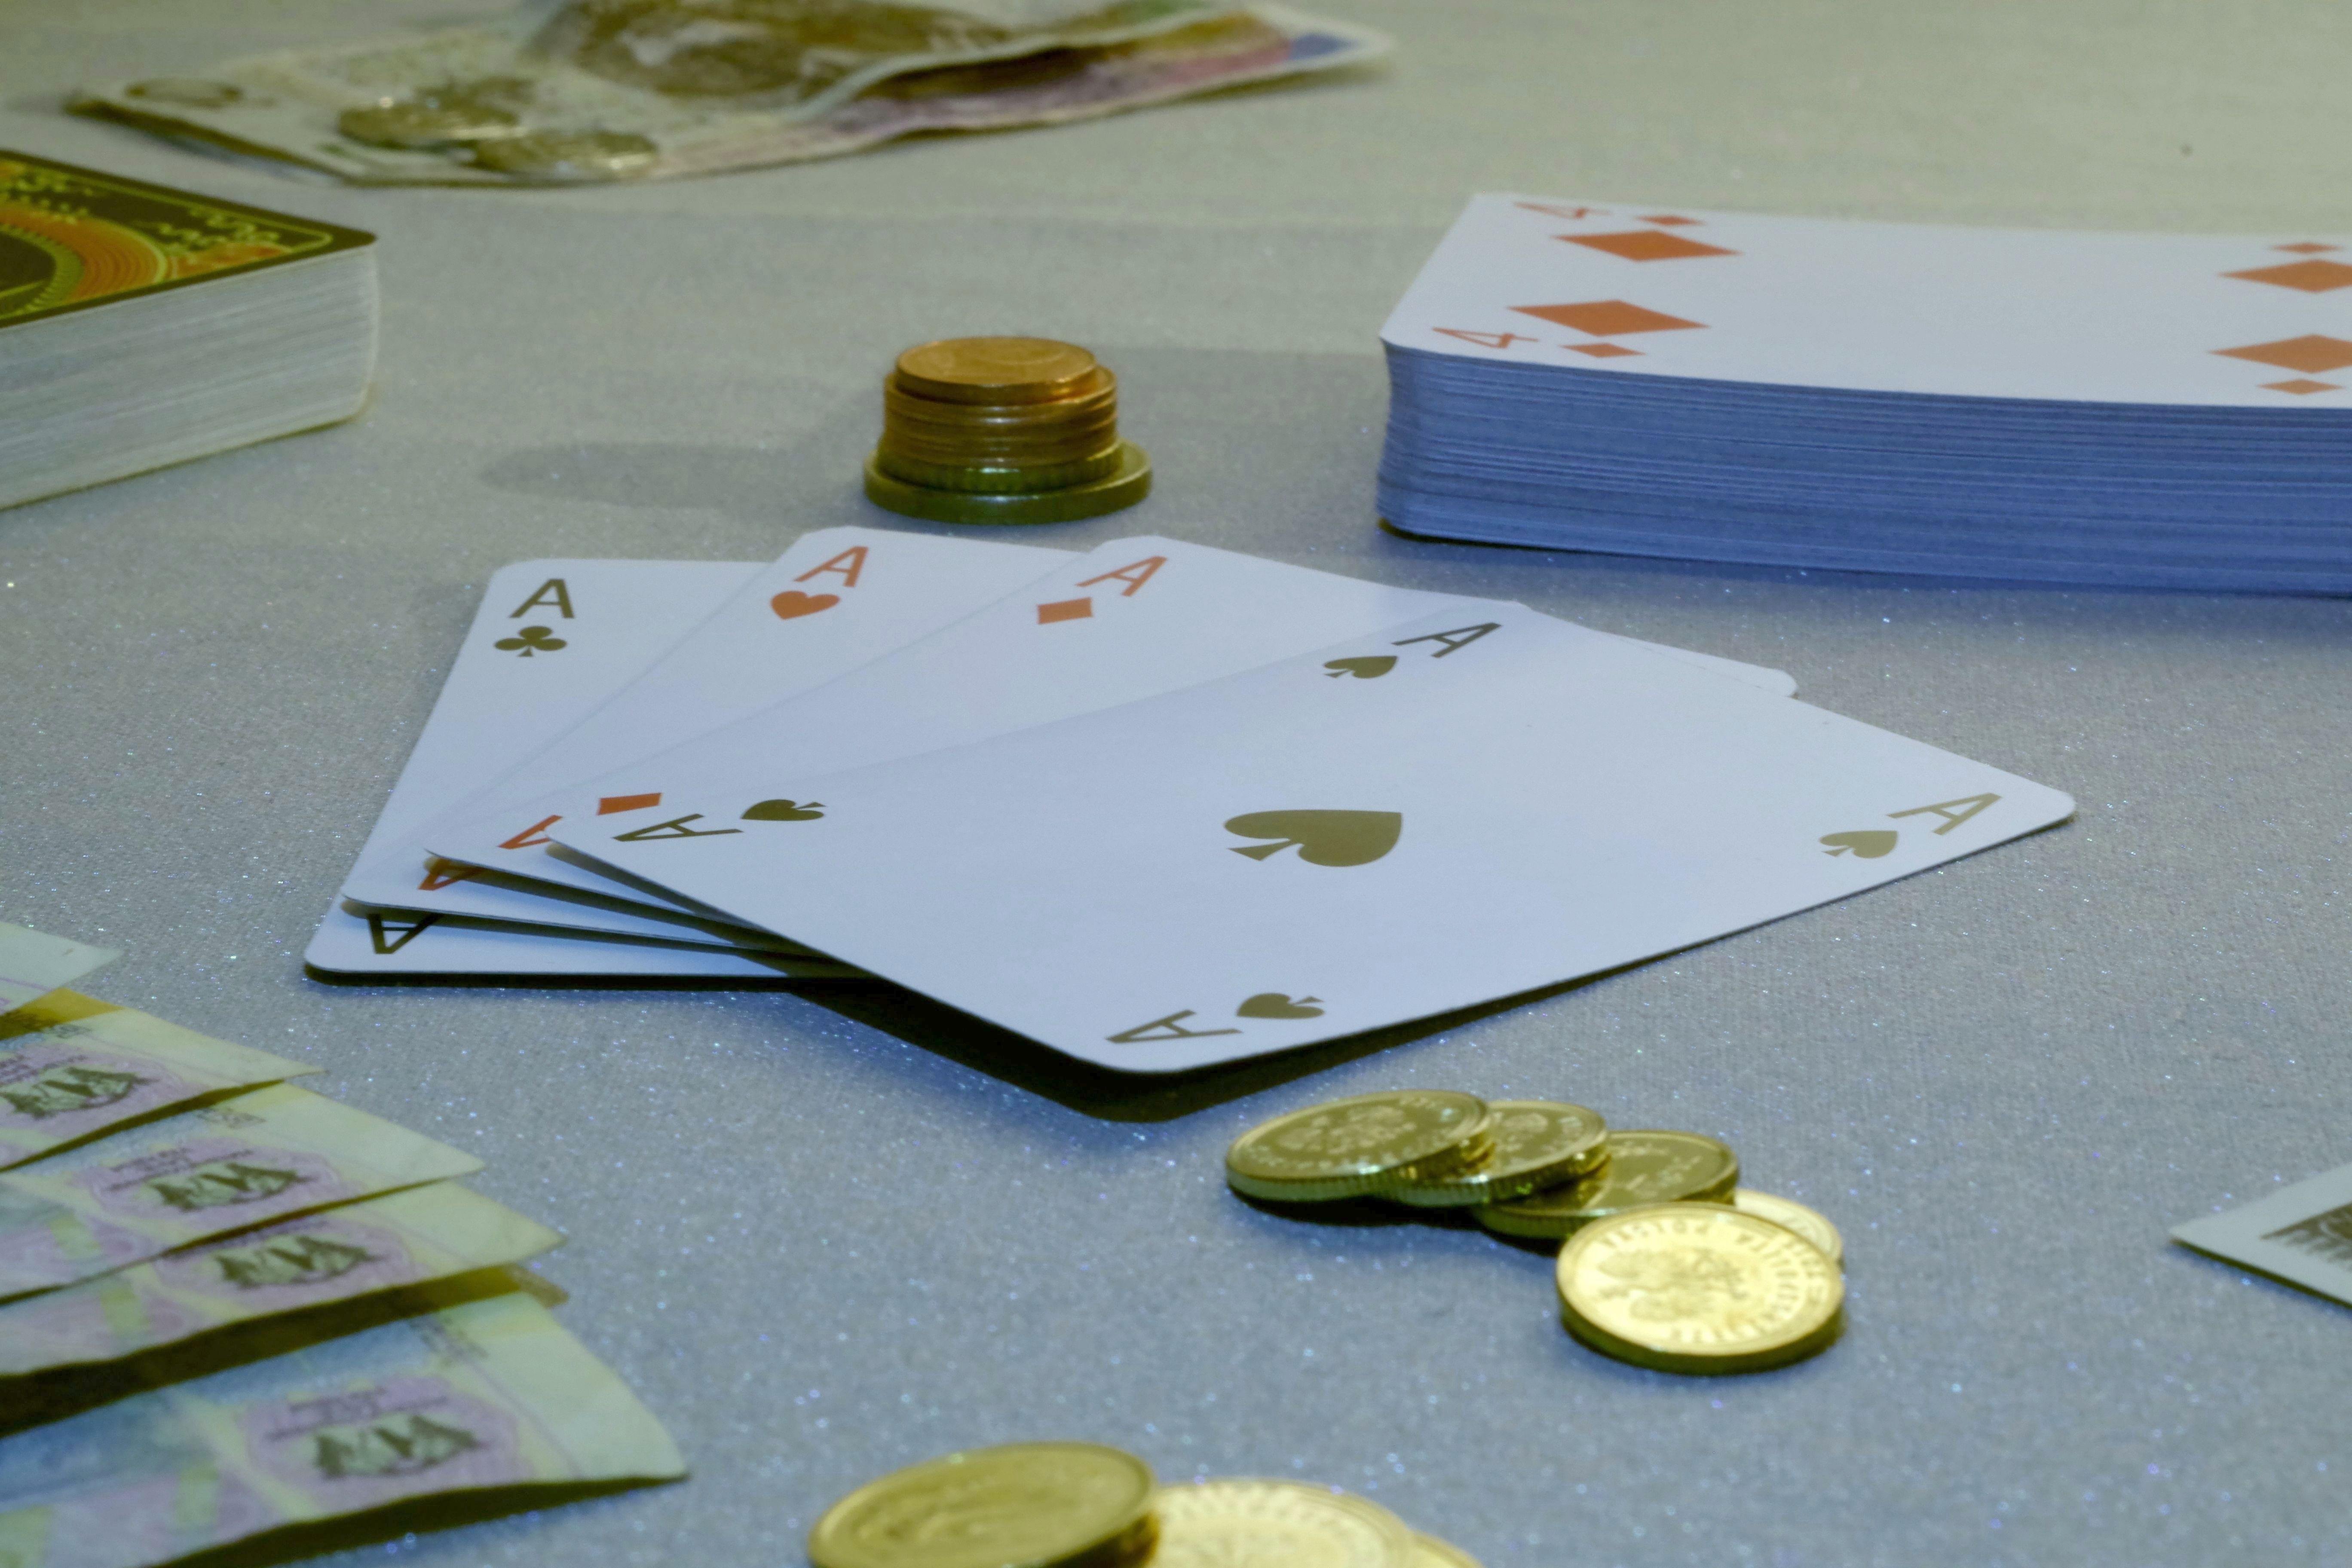 棋牌游戏的上分技巧之如何将利益最大化